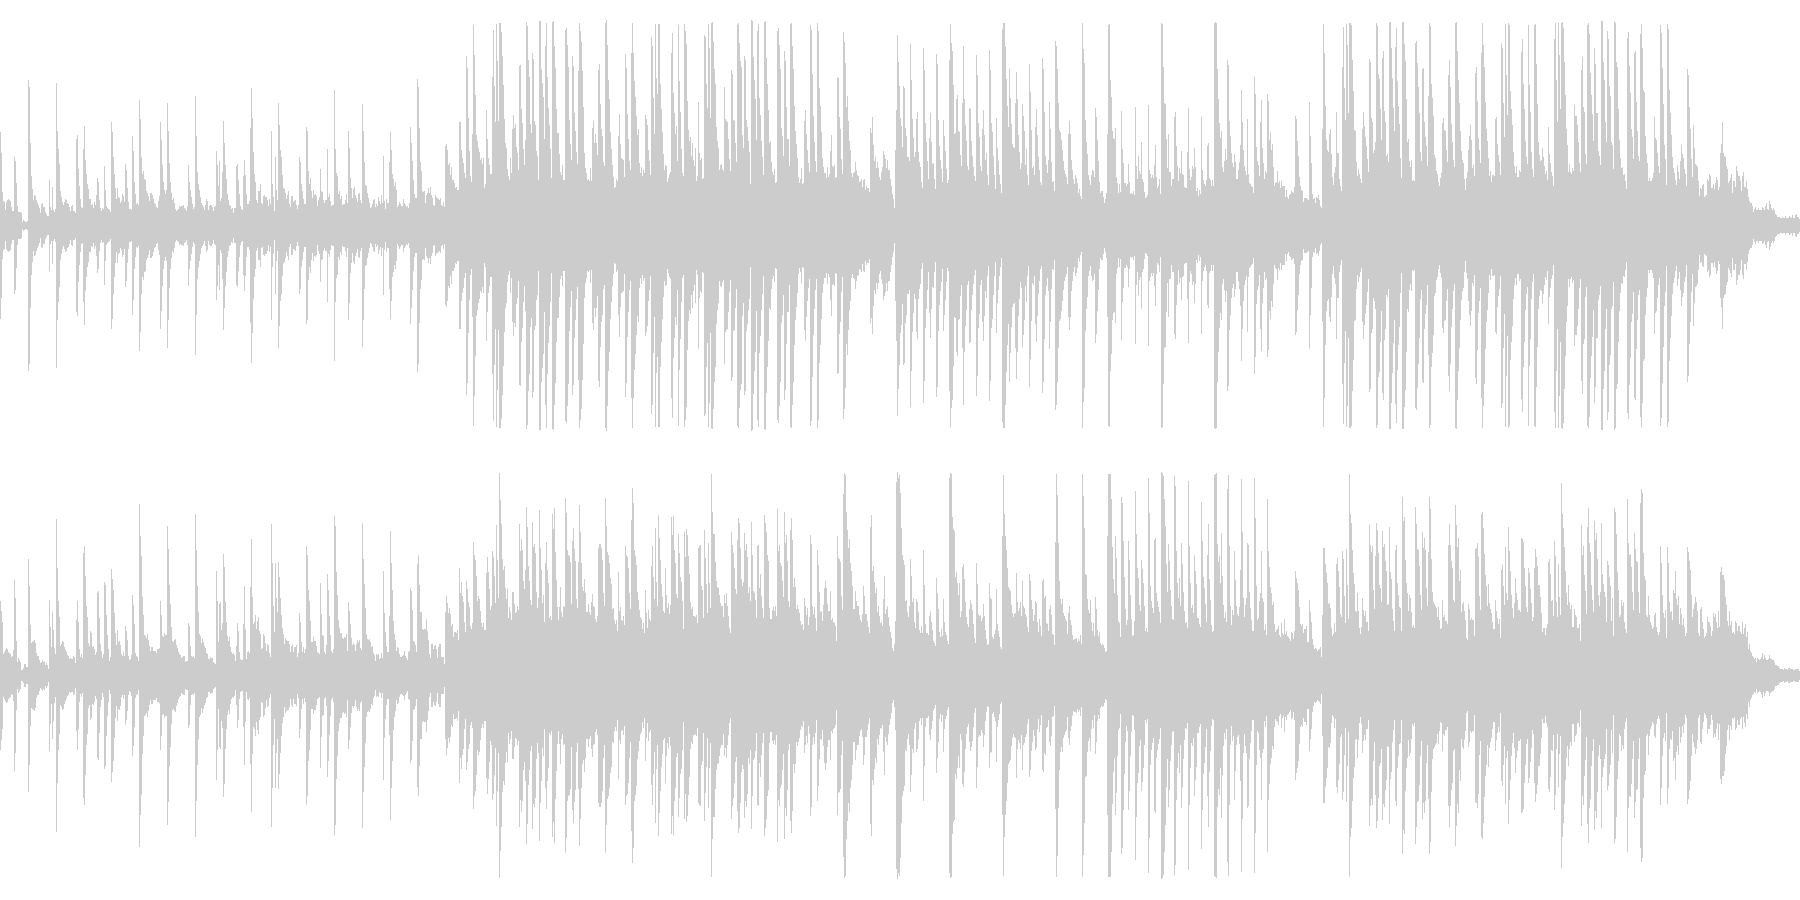 悲しい旋律のピアノバラードの未再生の波形